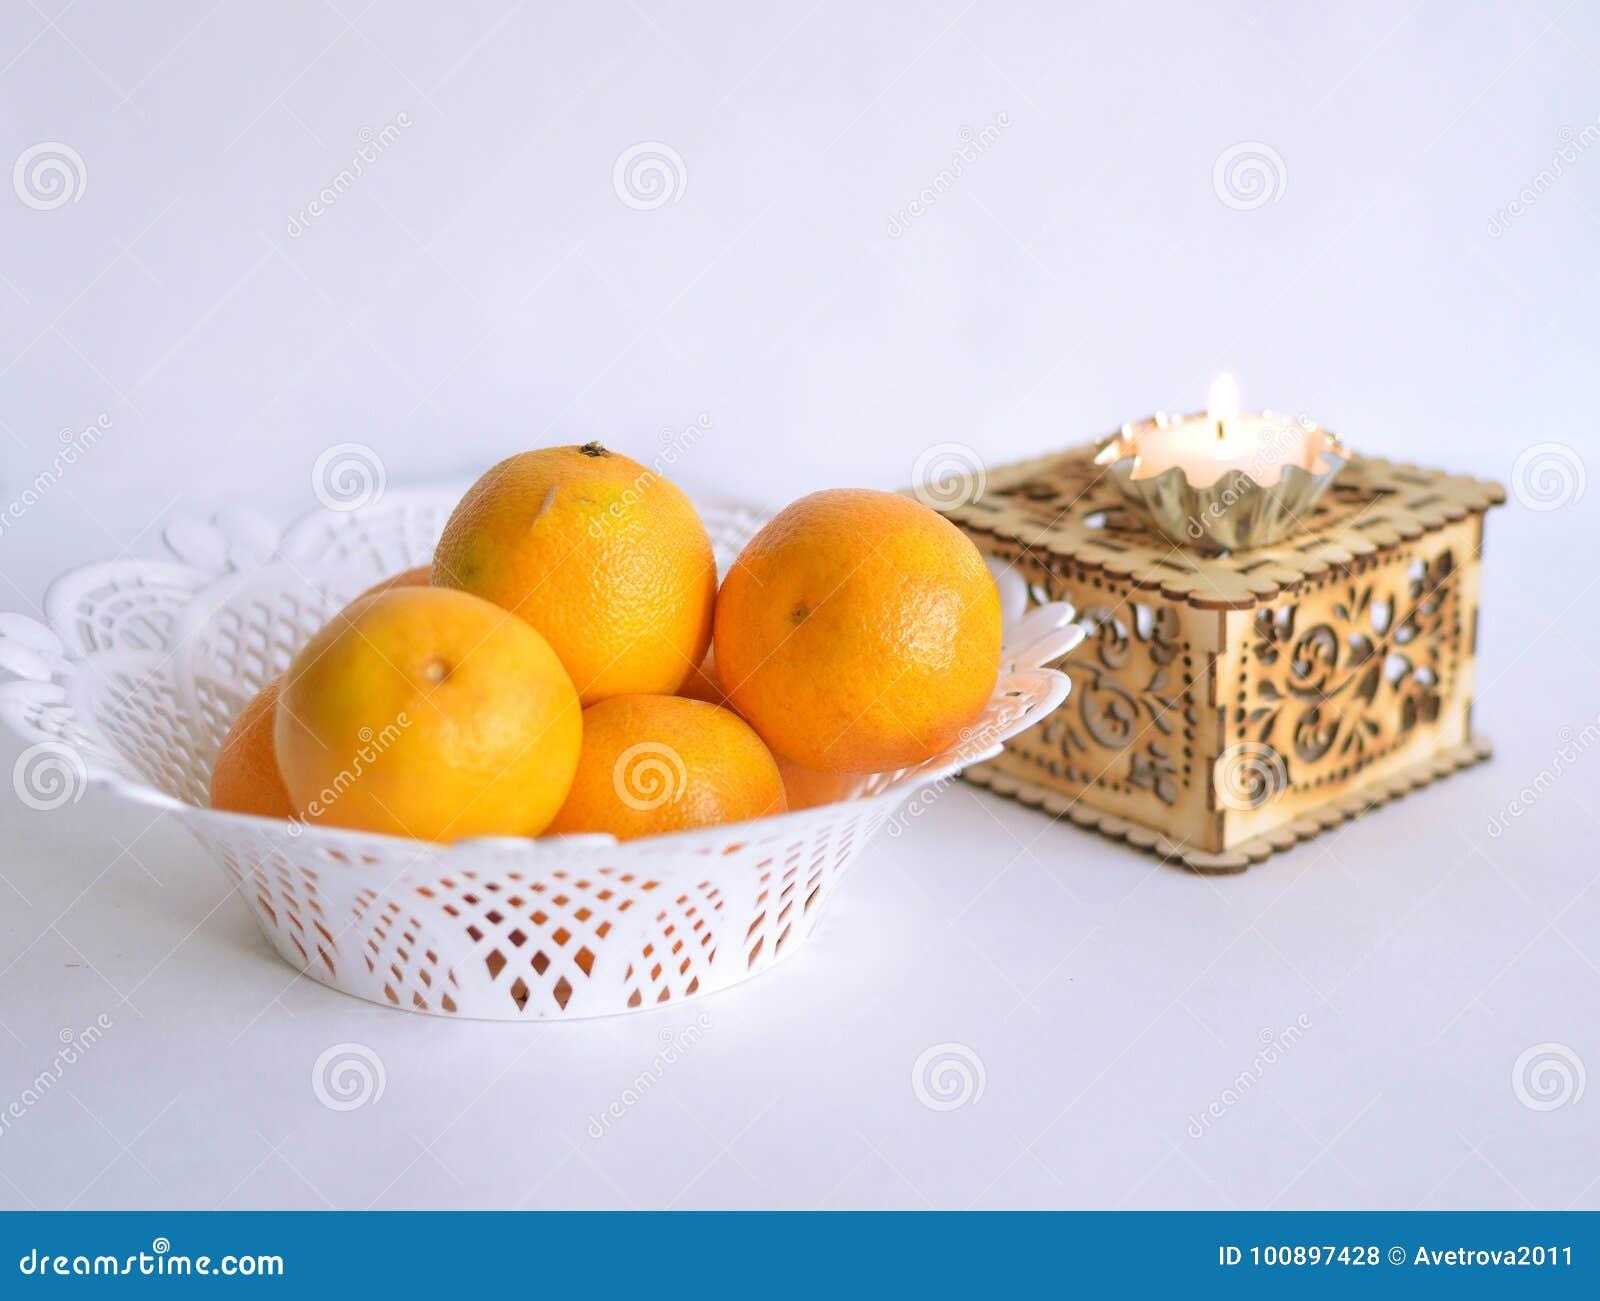 Un Plat Blanc Des Oranges A Cote D Une Boite Avec Une Petite Bougie